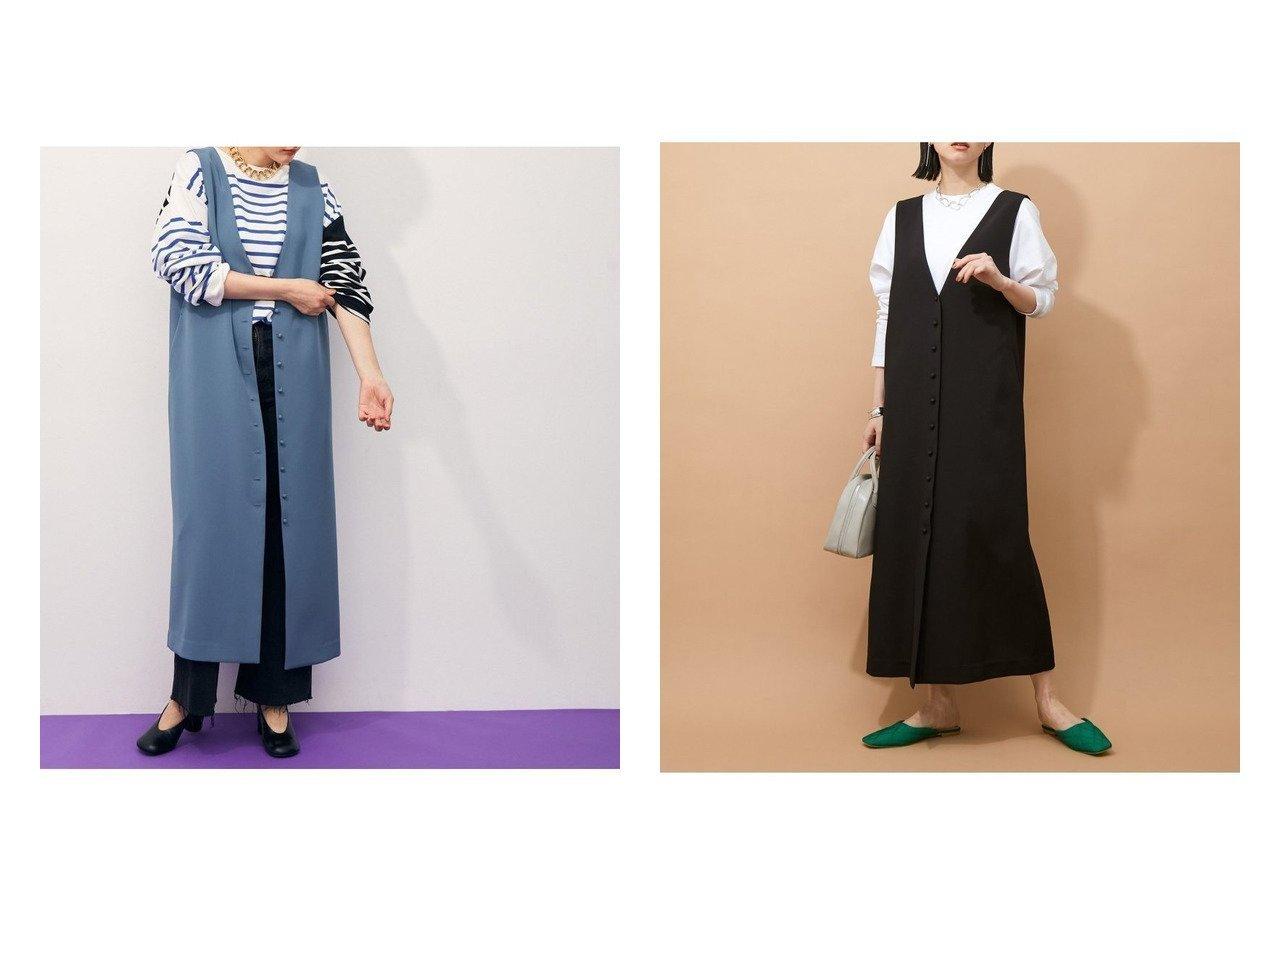 【ADAM ET ROPE'/アダム エ ロペ】の【WEB限定】2WAYジャンパースカート 【スカート】おすすめ!人気、トレンド・レディースファッションの通販 おすすめで人気の流行・トレンド、ファッションの通販商品 インテリア・家具・メンズファッション・キッズファッション・レディースファッション・服の通販 founy(ファニー) https://founy.com/ ファッション Fashion レディースファッション WOMEN スカート Skirt インナー シューズ ショート ストレッチ スニーカー 定番 Standard 人気 フラット フロント ポケット ワンポイント A/W・秋冬 AW・Autumn/Winter・FW・Fall-Winter 2021年 2021 2021-2022秋冬・A/W AW・Autumn/Winter・FW・Fall-Winter・2021-2022 おすすめ Recommend |ID:crp329100000065650